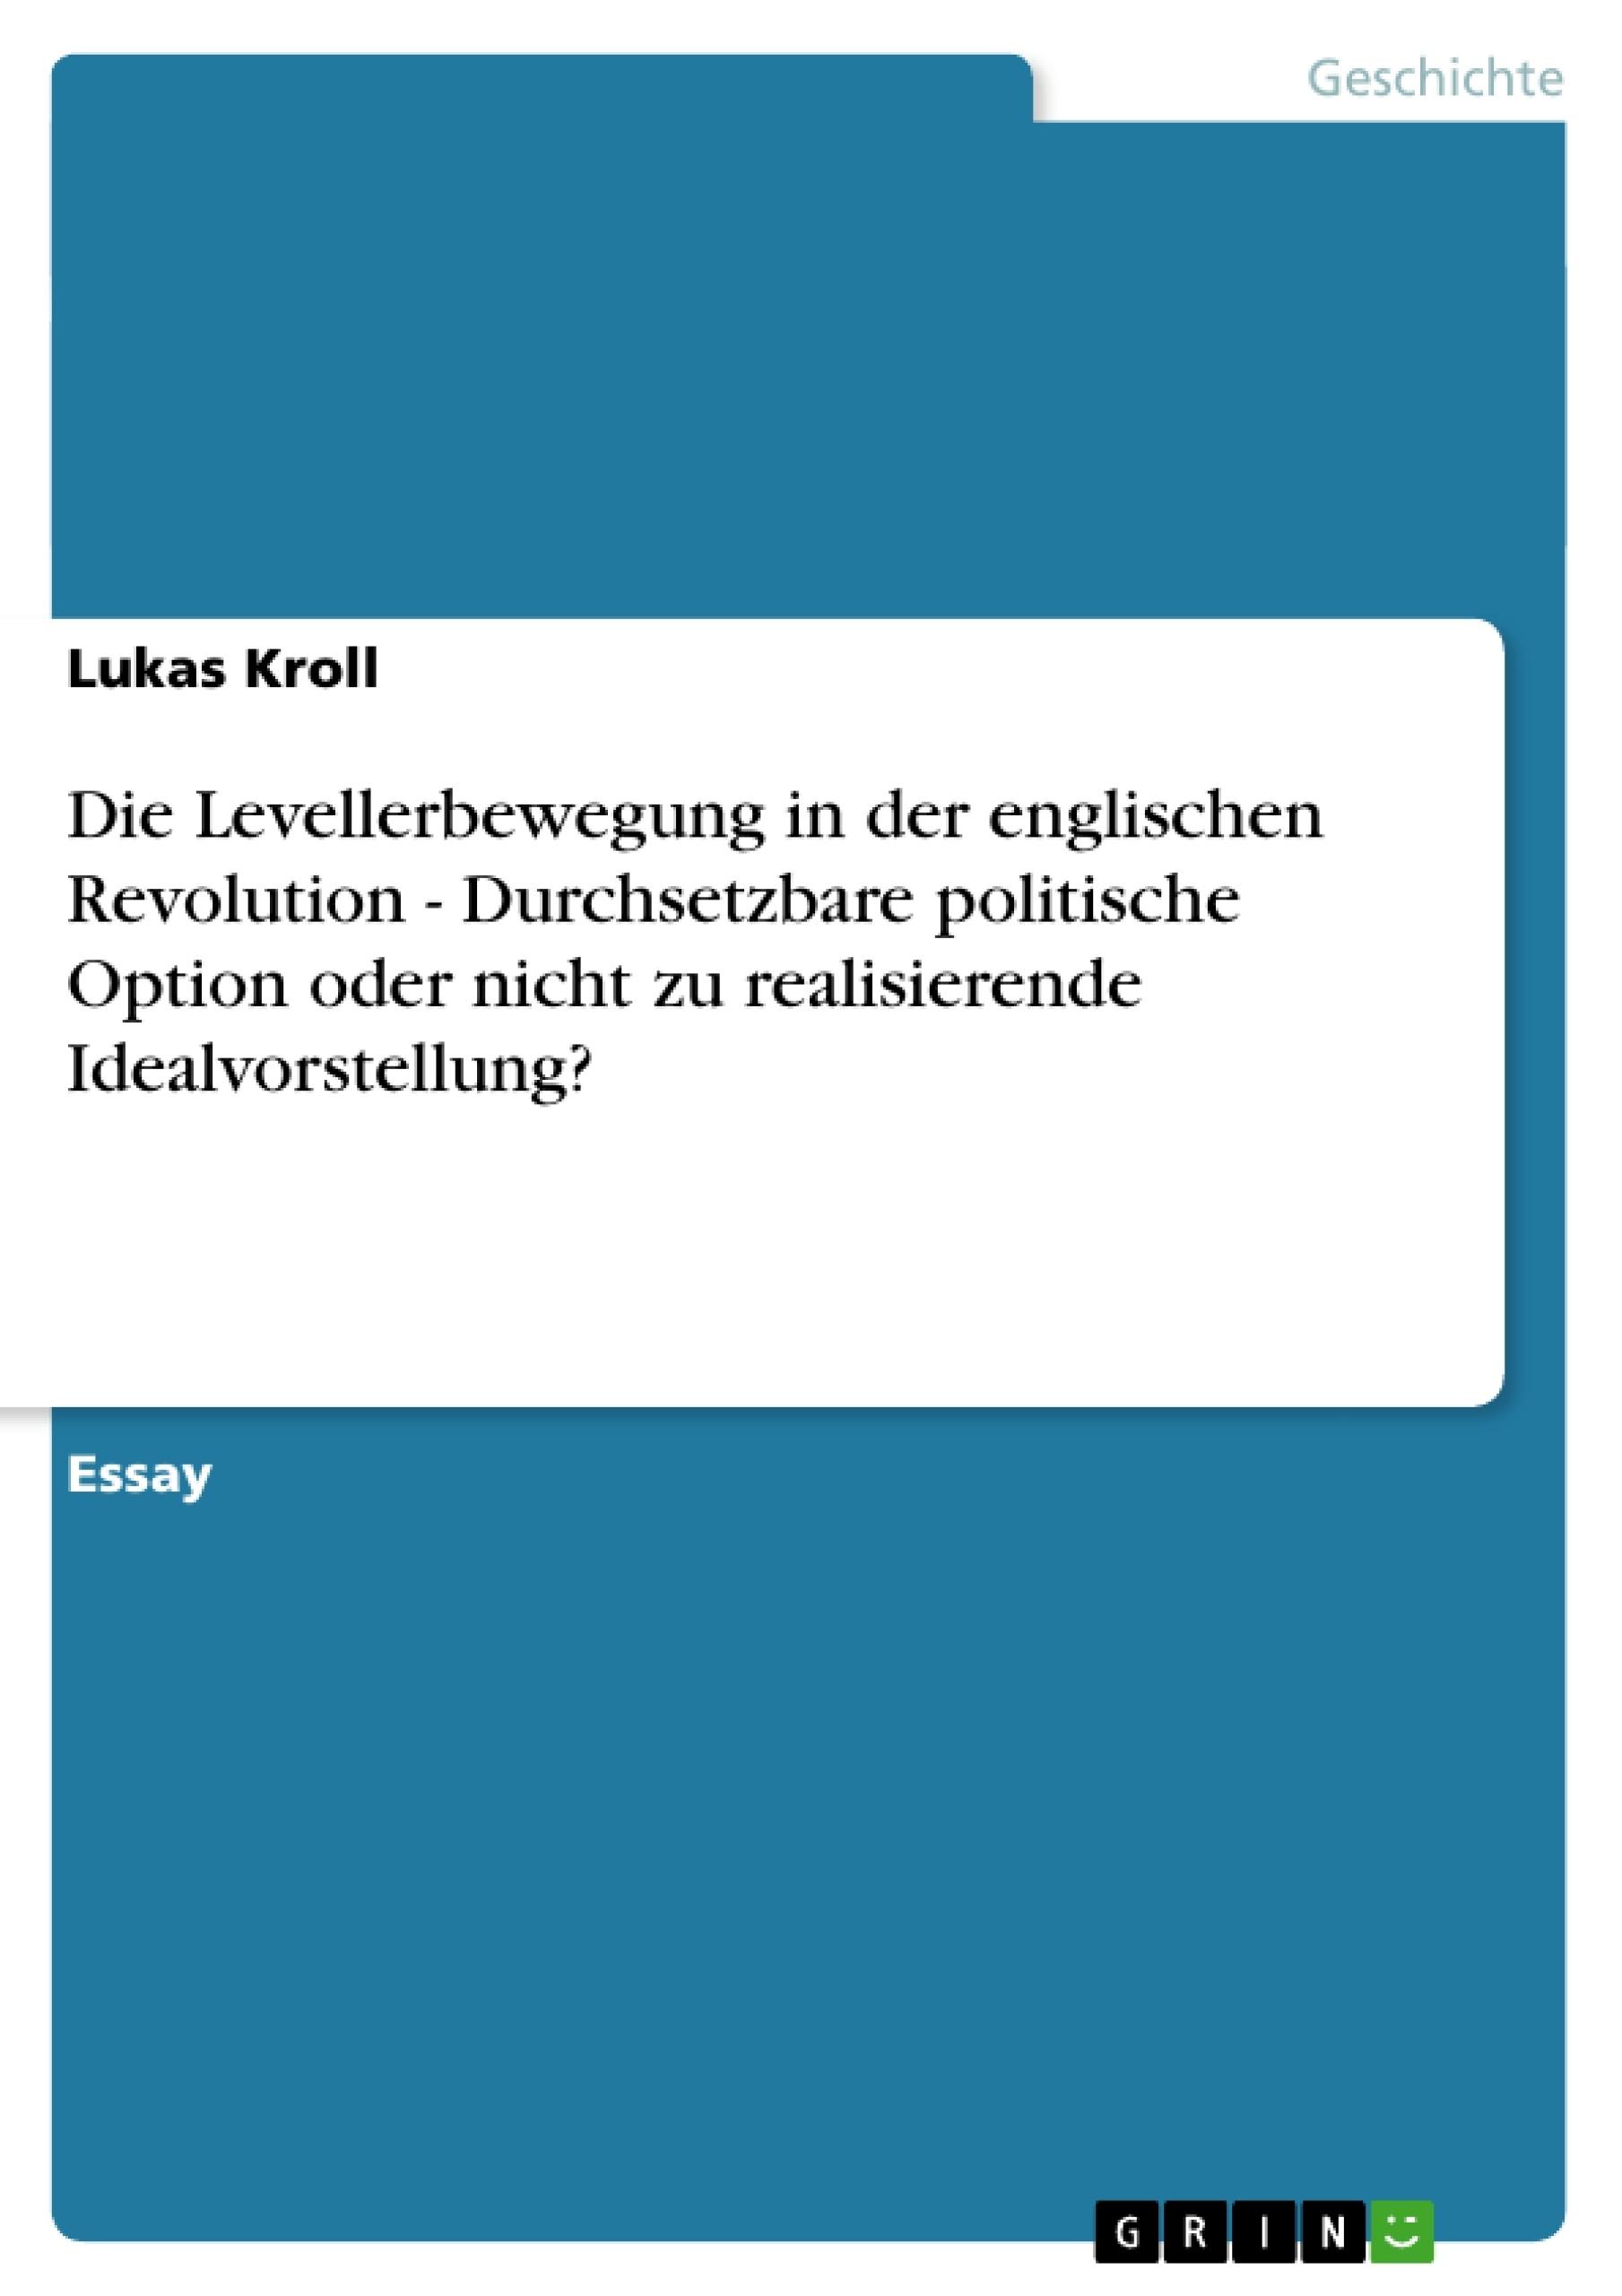 Titel: Die Levellerbewegung in der englischen Revolution  - Durchsetzbare politische Option oder nicht zu realisierende Idealvorstellung?